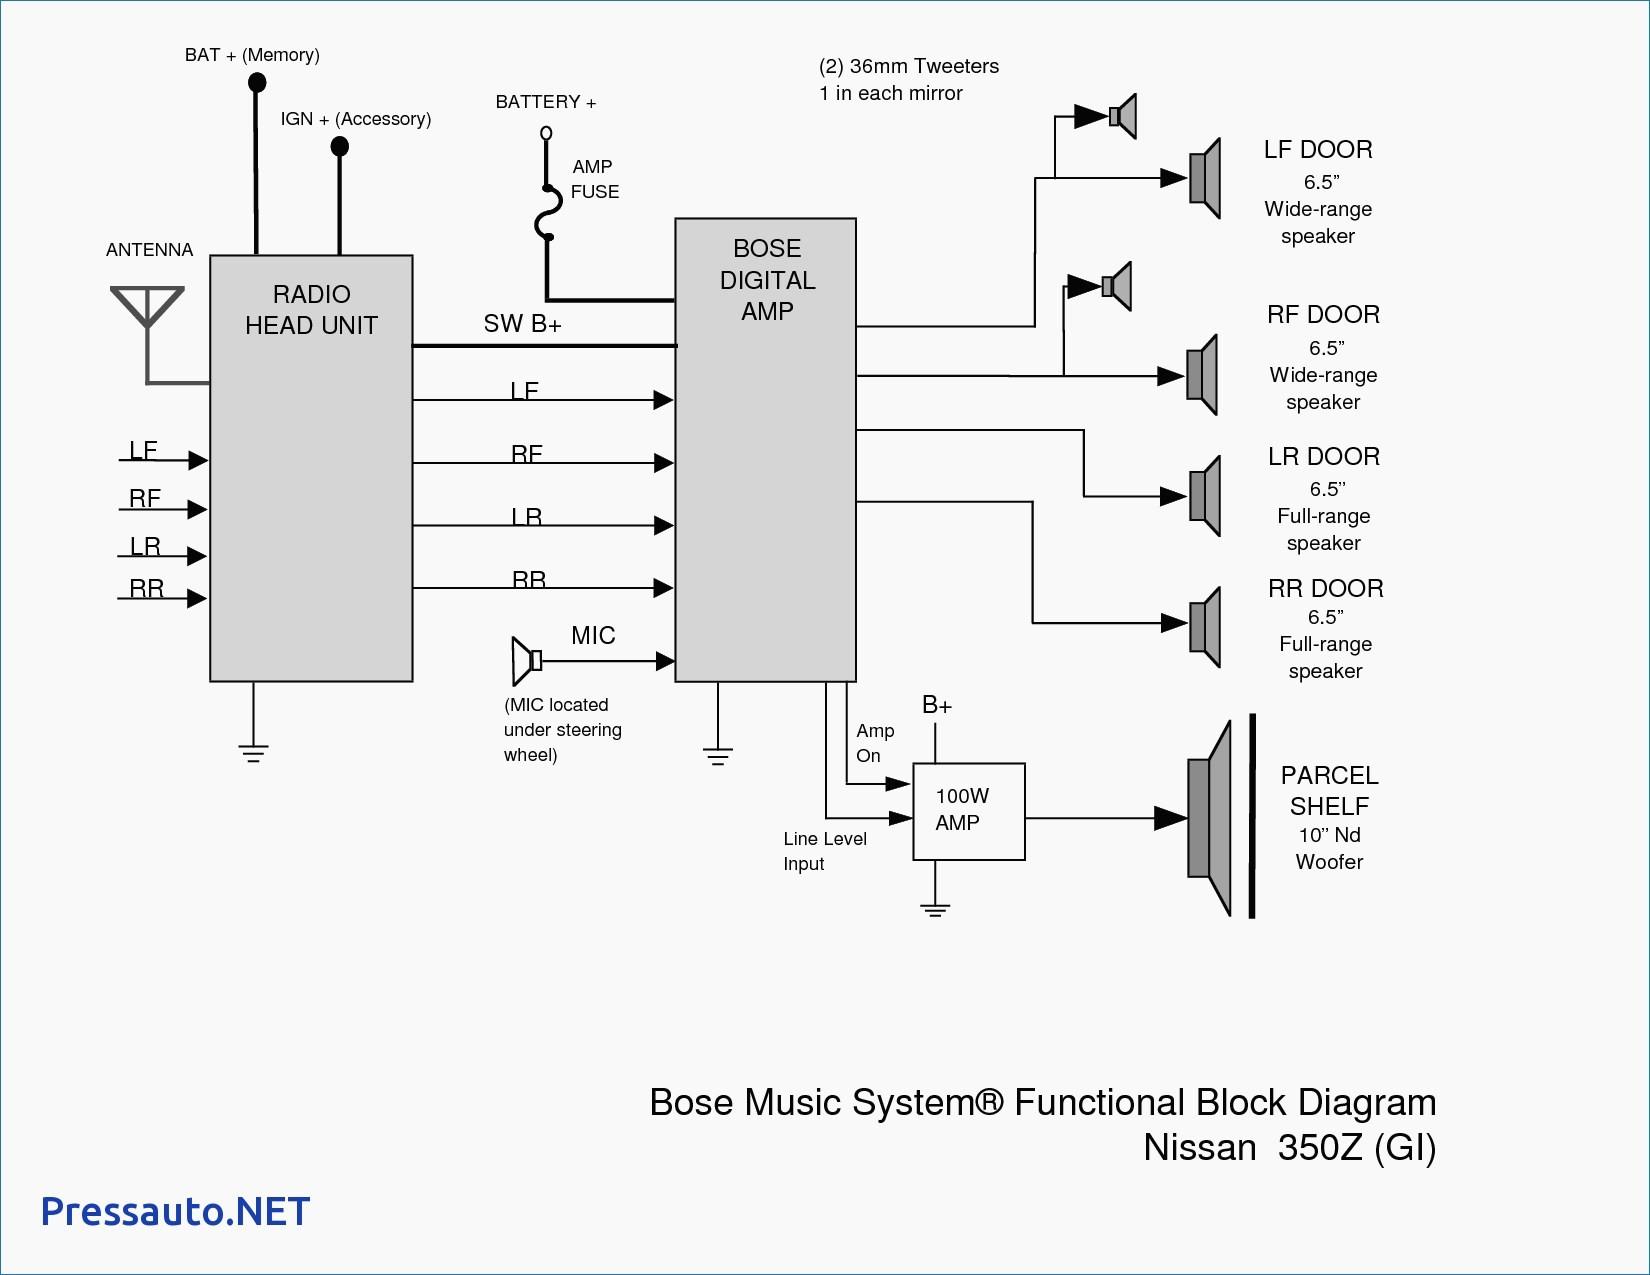 Bose Q45 Wiring Diagram - top electrical wiring diagram Infiniti Q Wiring Diagram on infiniti transfer case, infiniti parts, infiniti fuses, infiniti g20 repair manual, infiniti accessories,